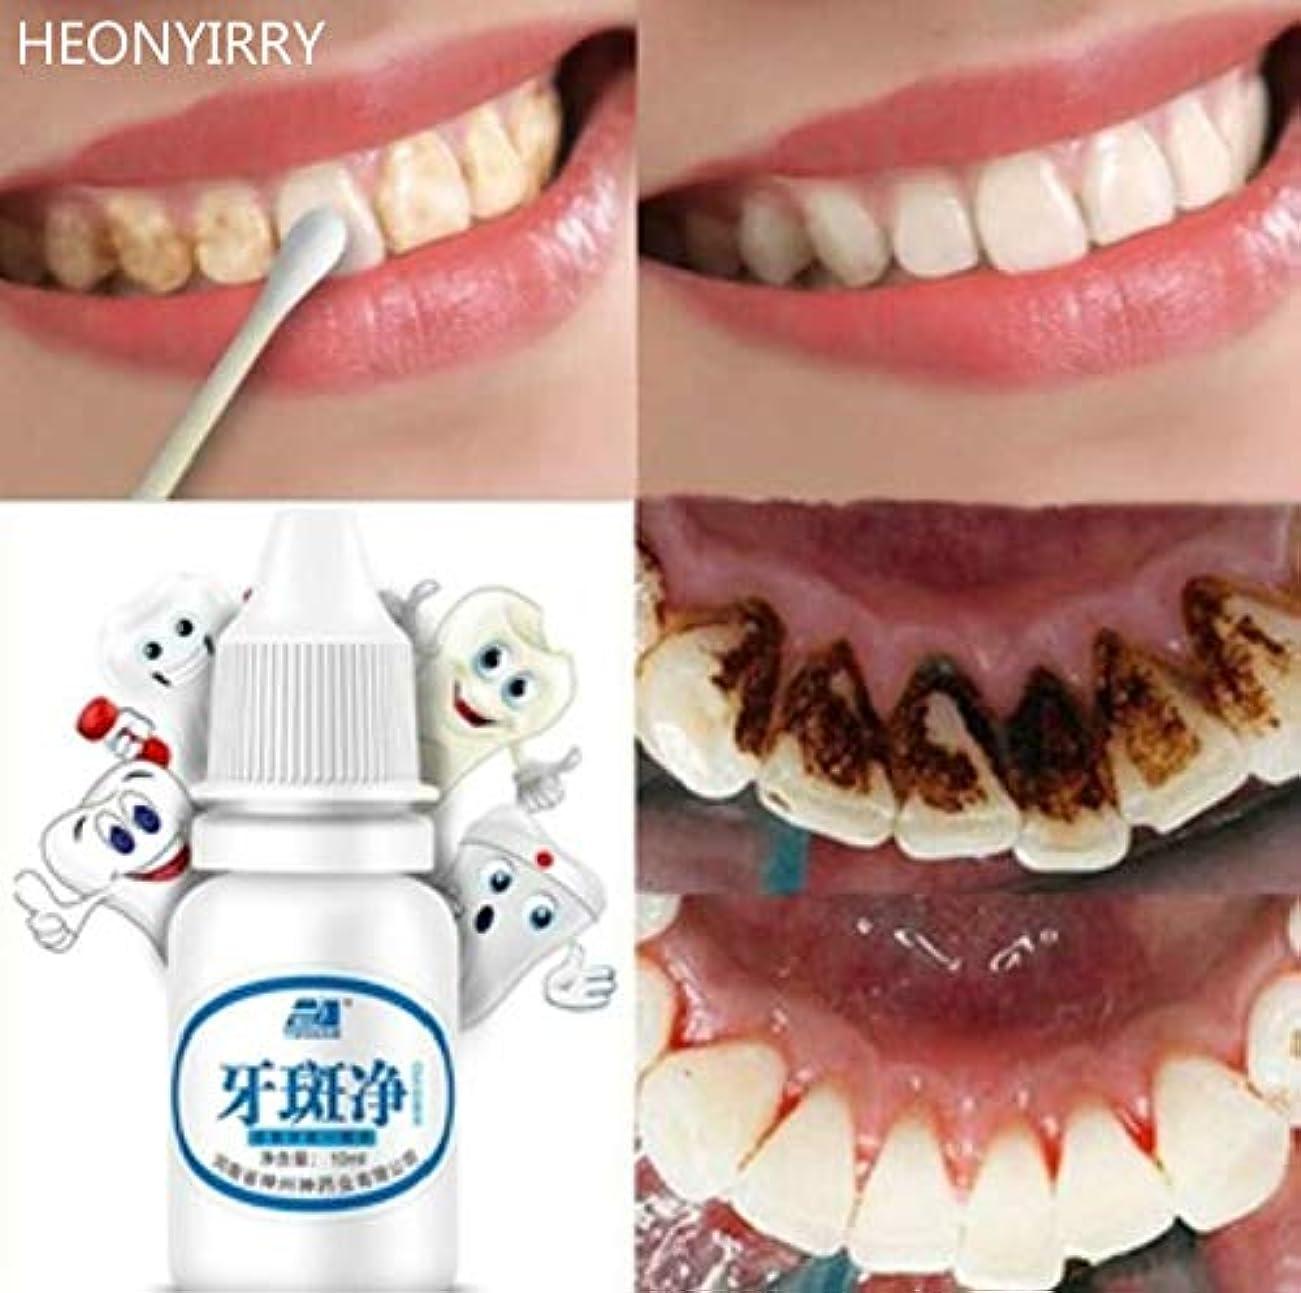 歯磨き粉 歯ブラシ 歯間ブラシ 歯磨き粉 ホワイトニング 10ml歯を白くする口腔衛生歯をきれいにする歯をきれいにするホワイトニングウォータークラレラメント歯科歯垢 歯みがき粉 歯 消しゴム 歯 鏡 歯 マニキュア 歯 矯正 歯 ケース 歯 接着剤